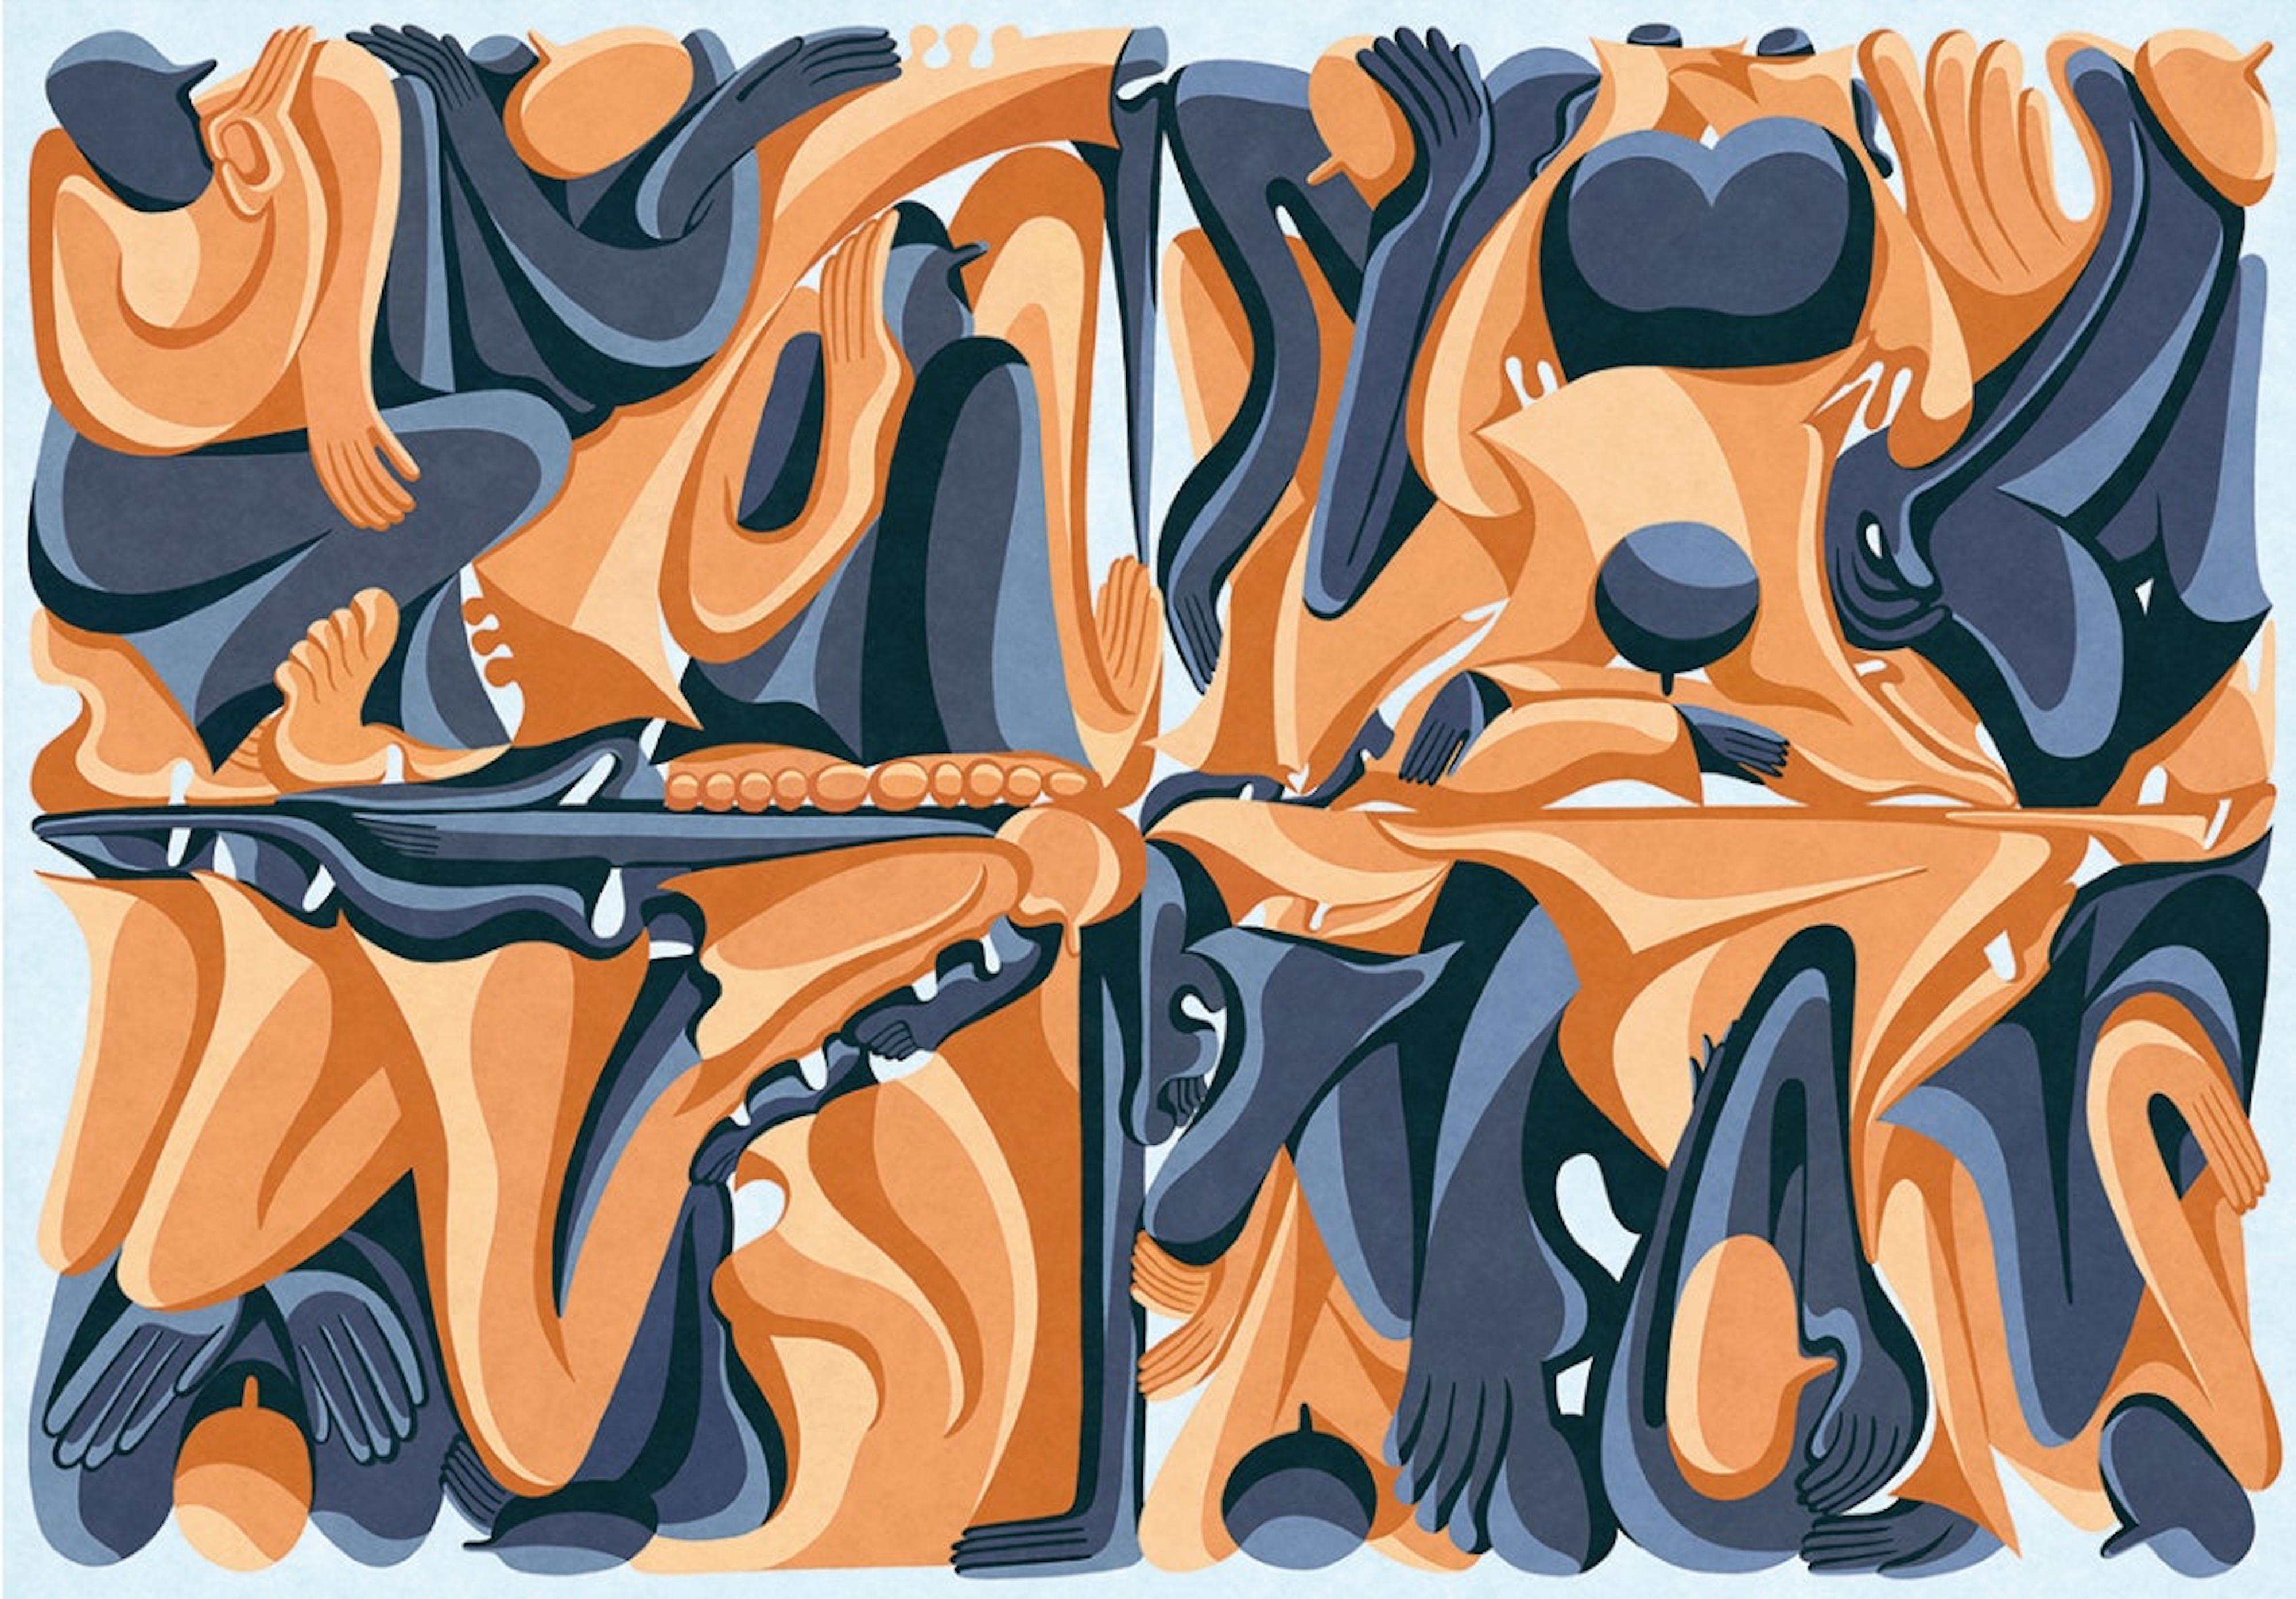 Screenshot 2020 12 08 at 16 33 29 autocompressfitresizeixlibphp 1 1 0max h2000max w3 D2000q80sb462c2ad13fa2c91facf023970f4d440